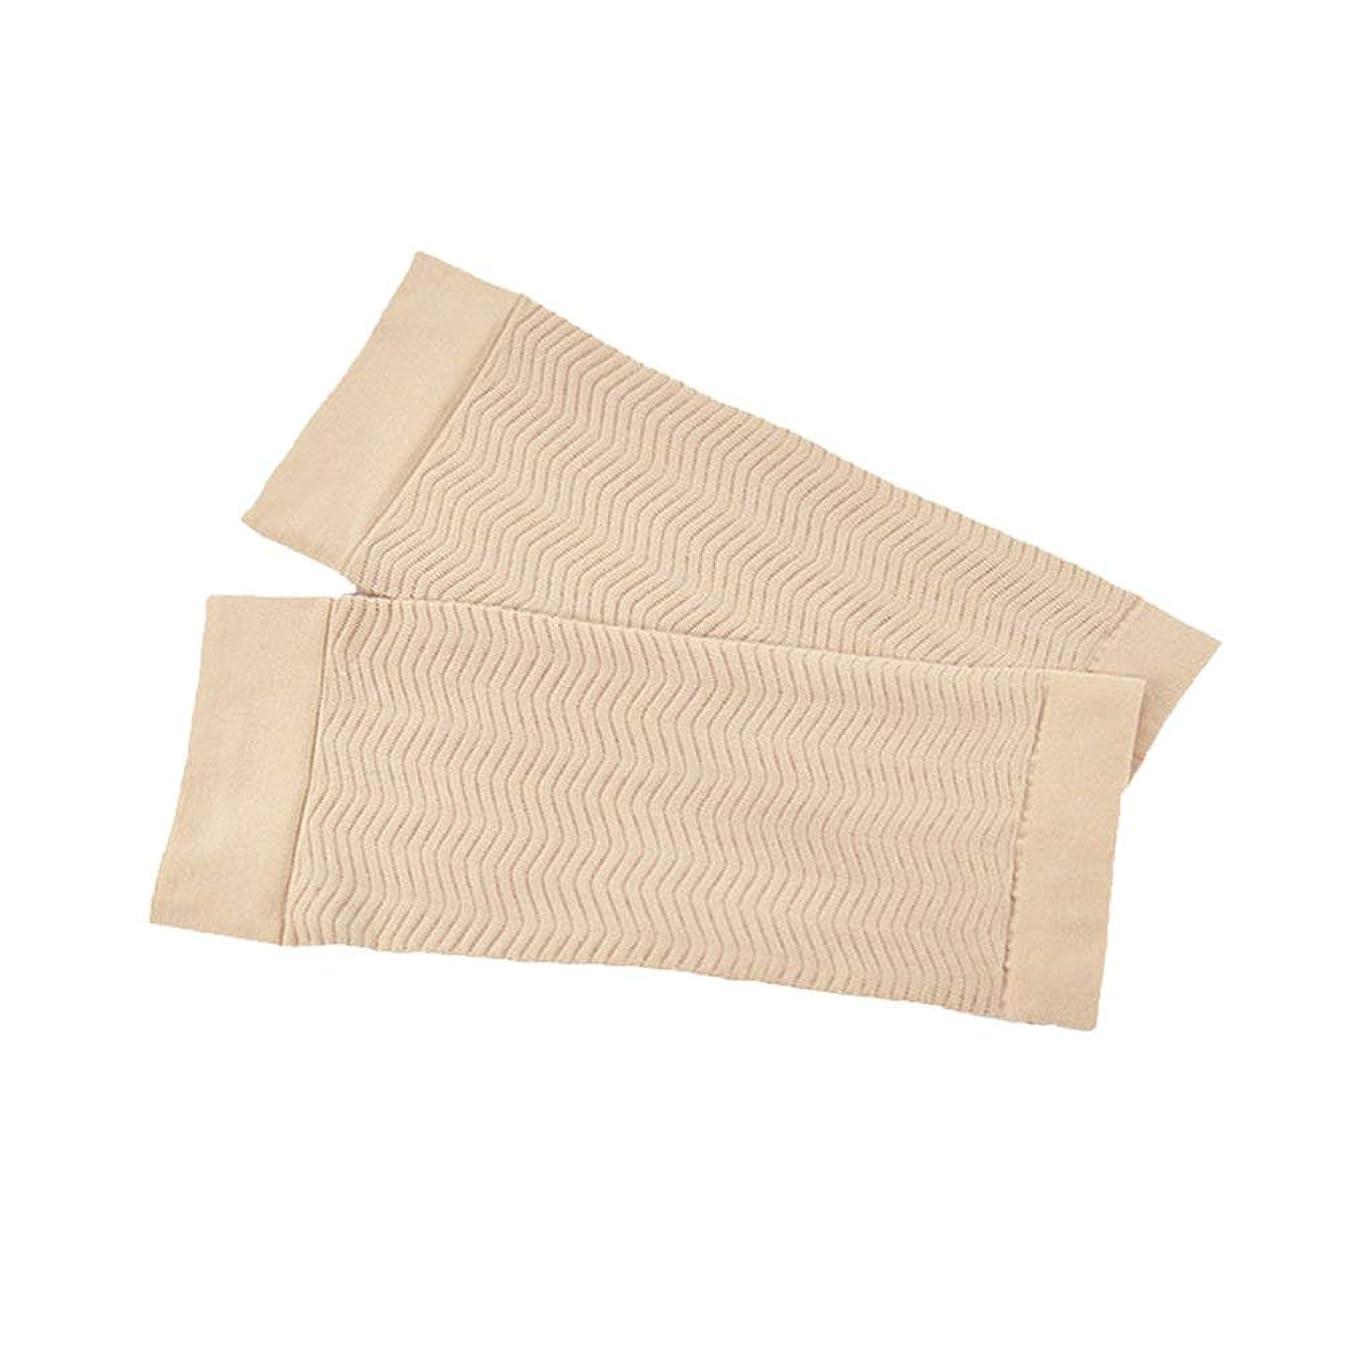 土郵便屋さんゴム1ペア680 D圧縮アームシェイパーワークアウトトーニングバーンセルライトスリミングアームスリーブ脂肪燃焼半袖用女性 - スキンカラー